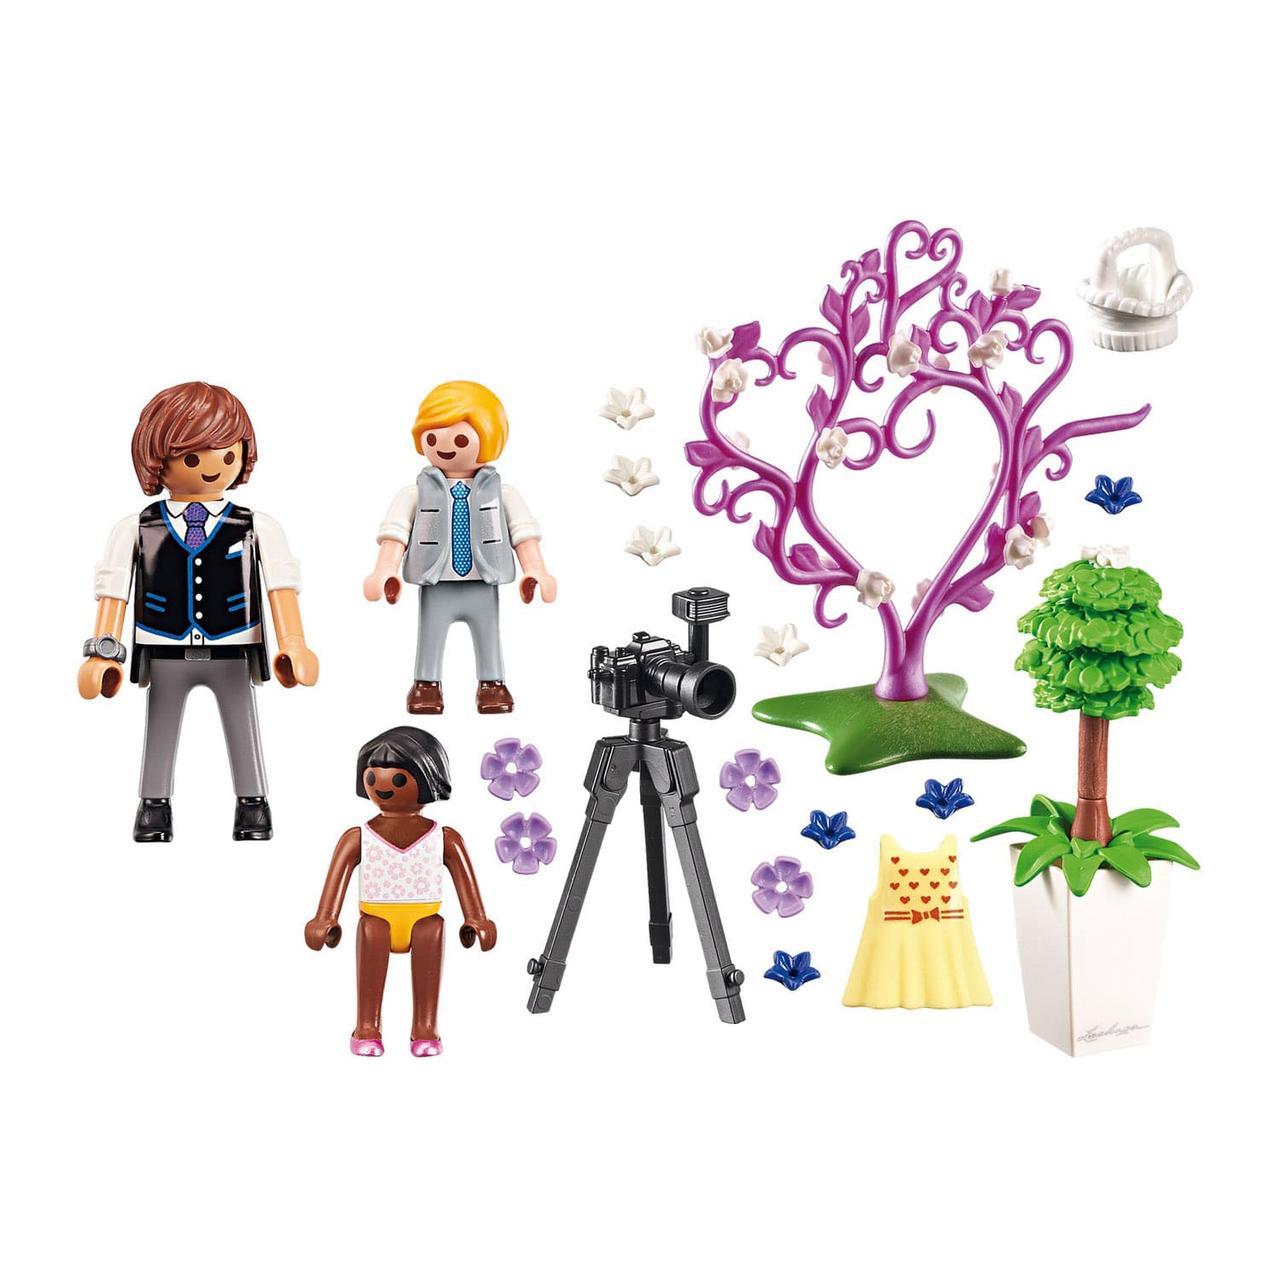 Конструктор Playmobil Фотограф и дети с цветами - фото 2